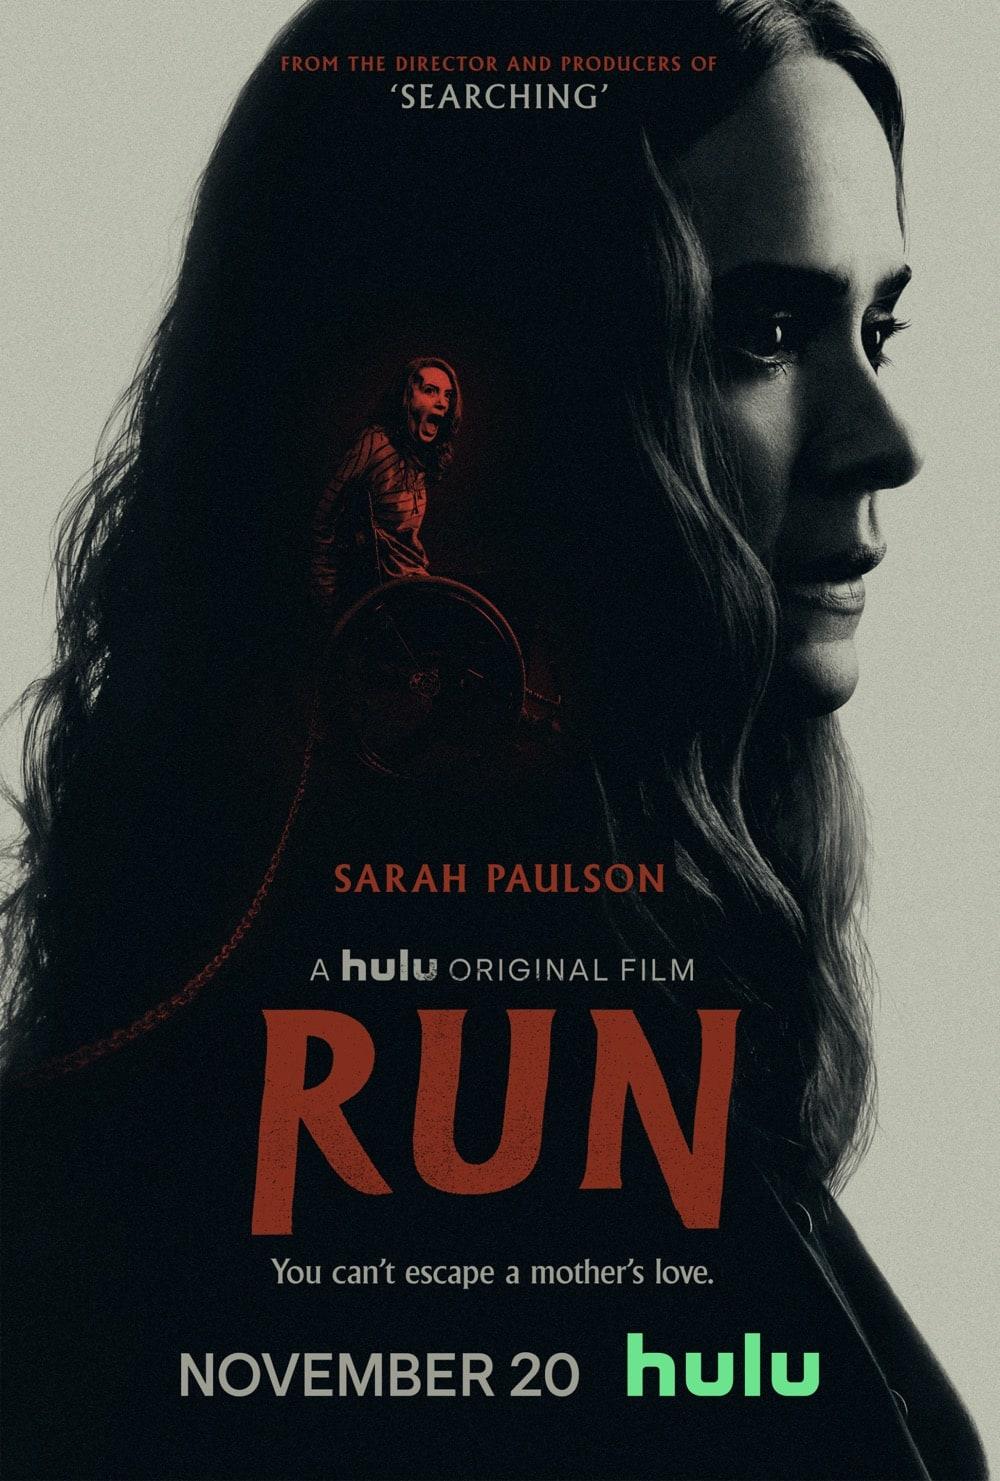 Run Poster Key Art Hulu